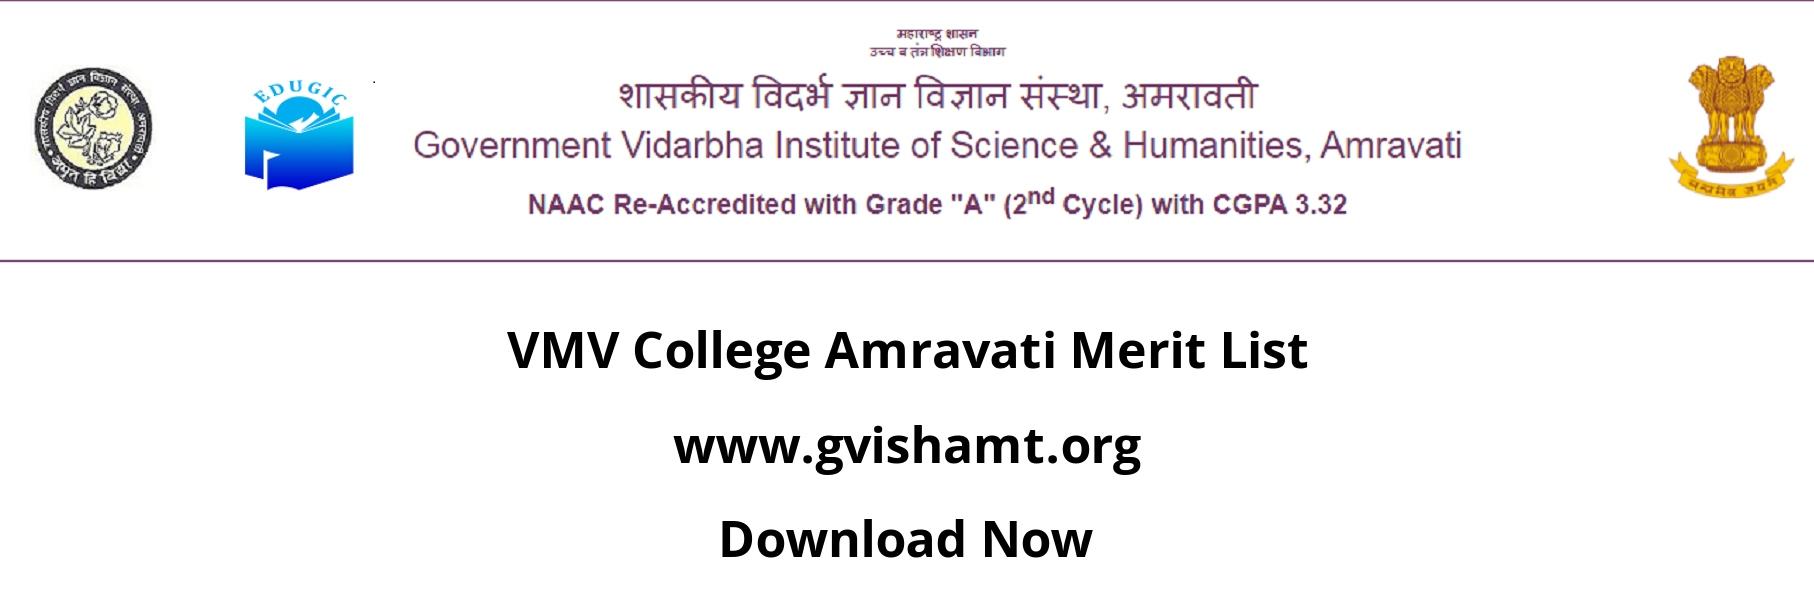 VMV College Amravati Merit List